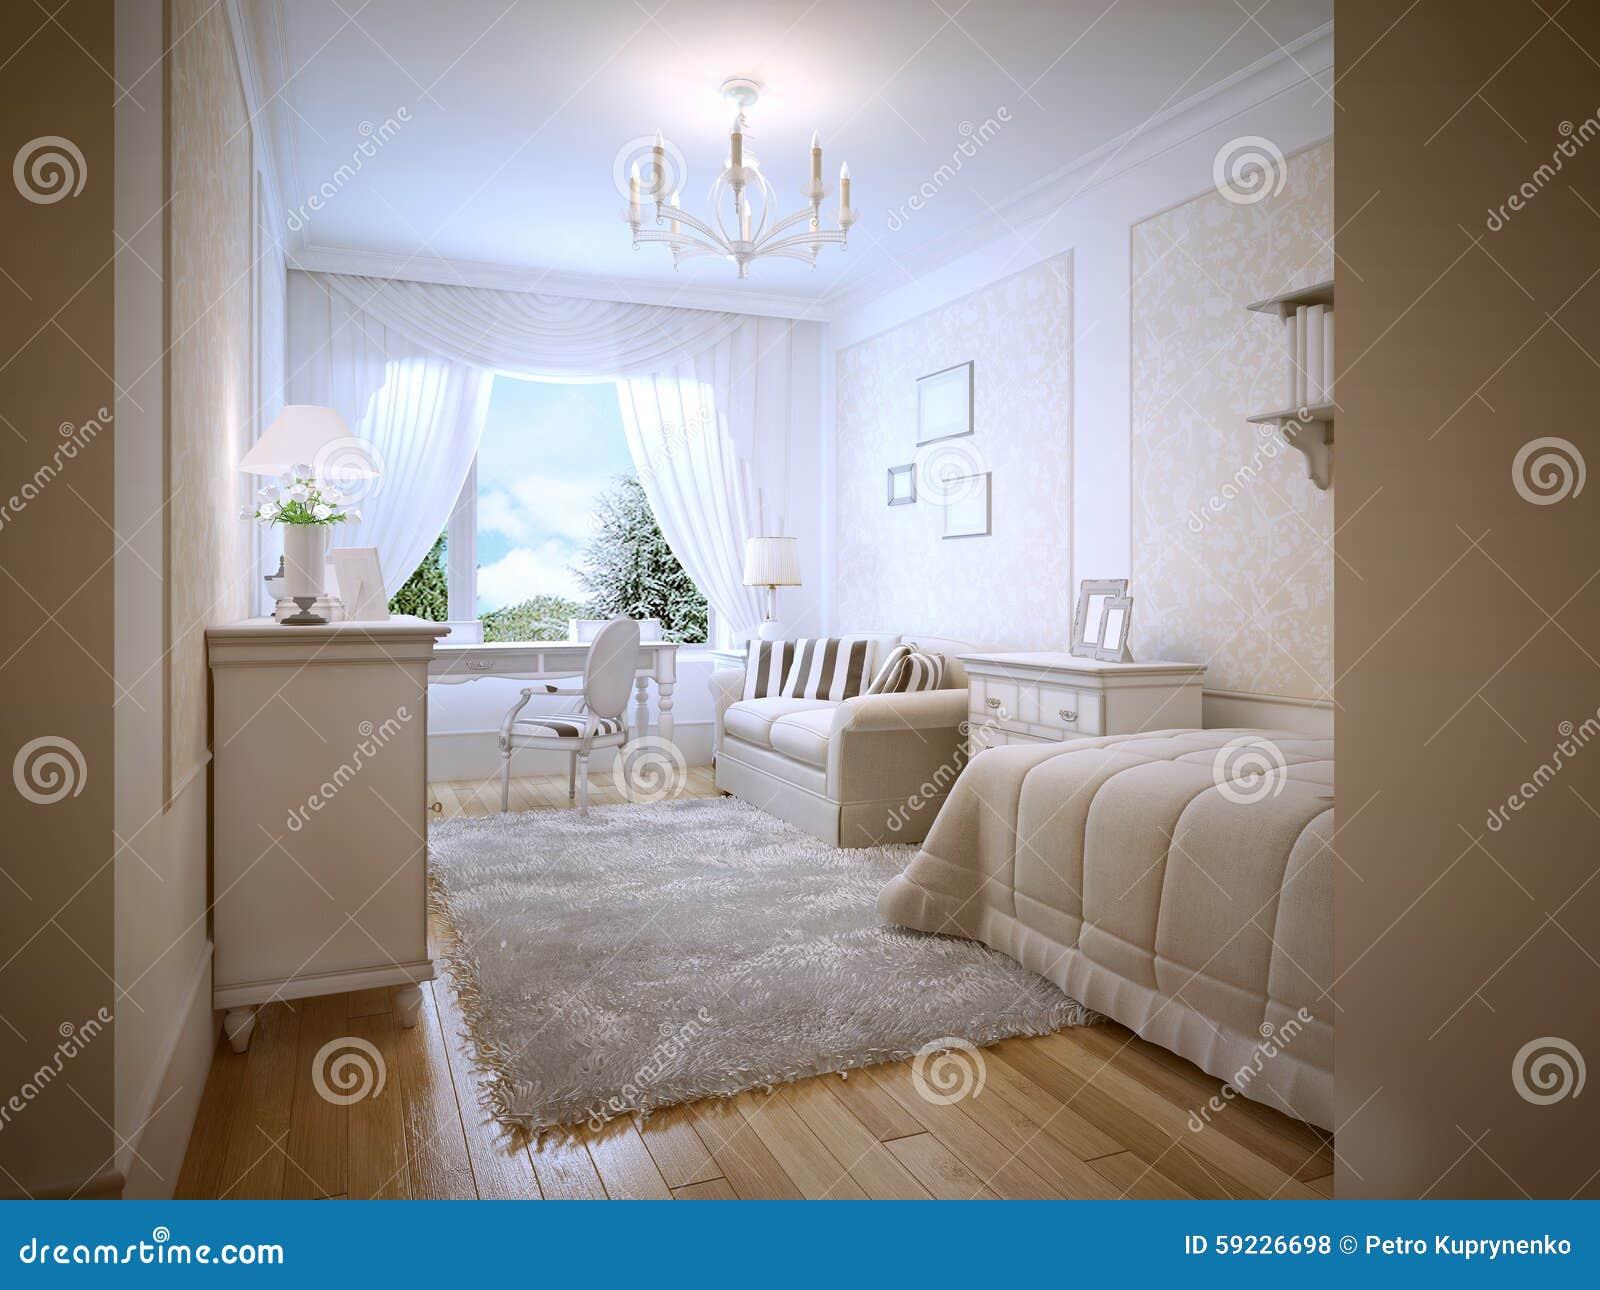 Camere da letto stile provenzale il centro della nostra for Arredamento camera da letto stile provenzale